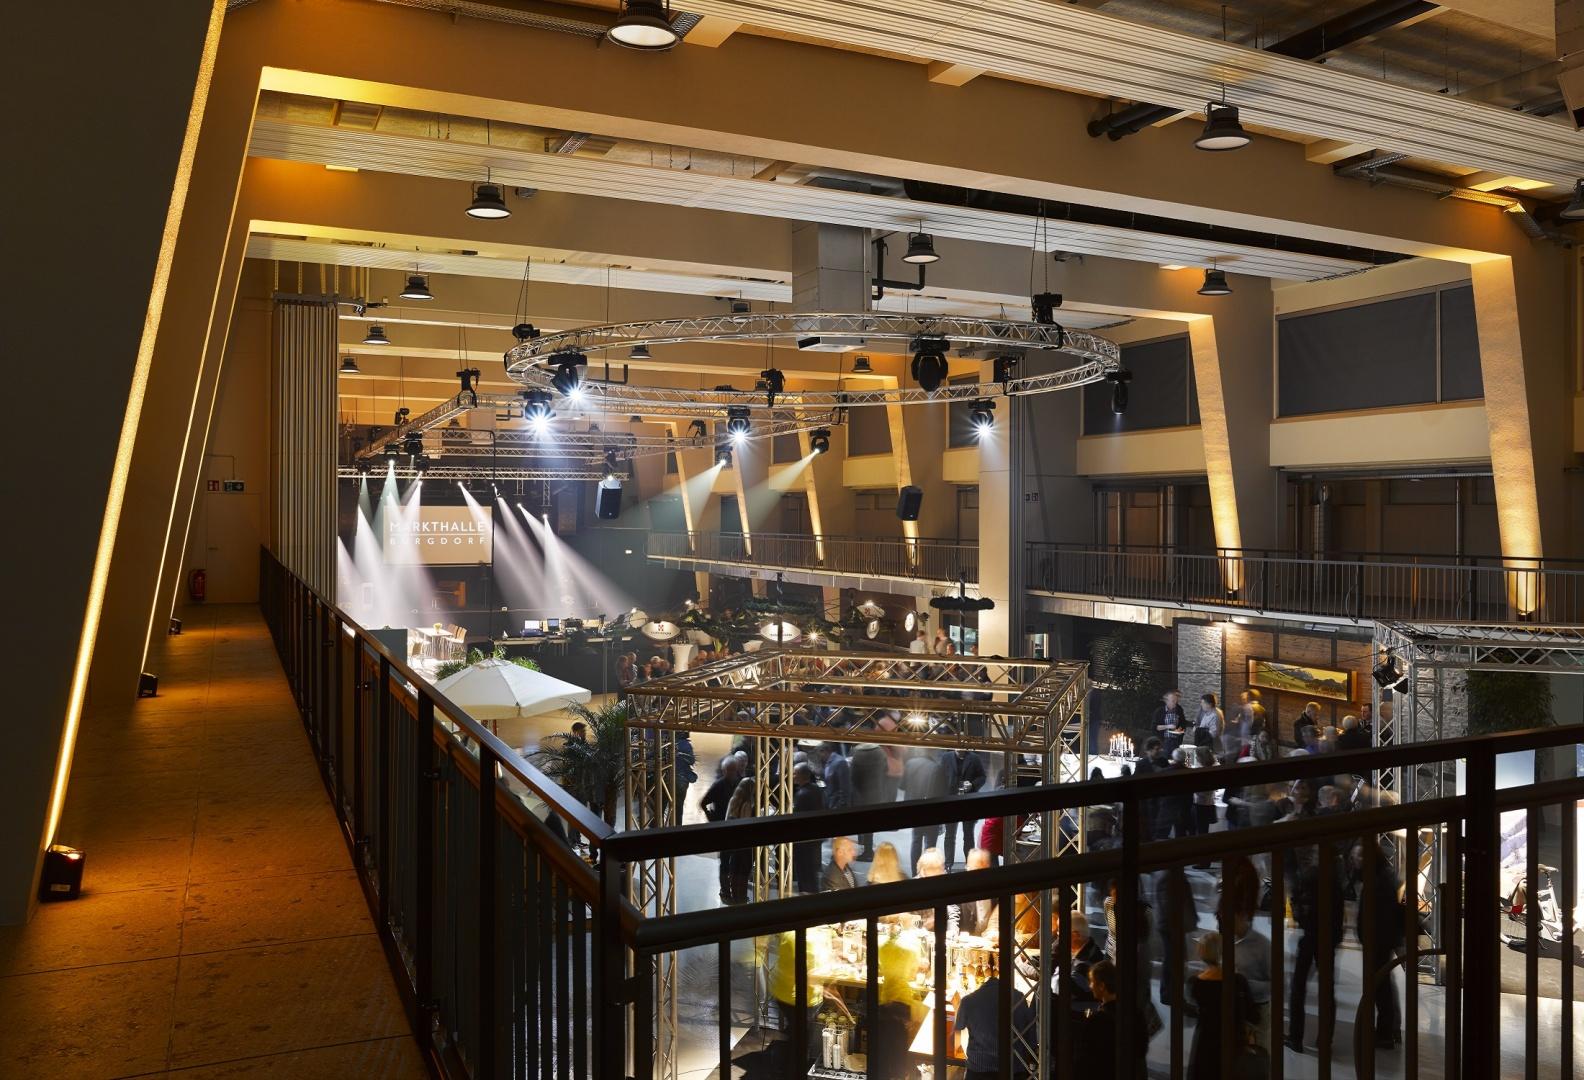 Markthalle, Galerie und Halle während Anlass © Manuel Stettler, Fotograf, Burgdorf